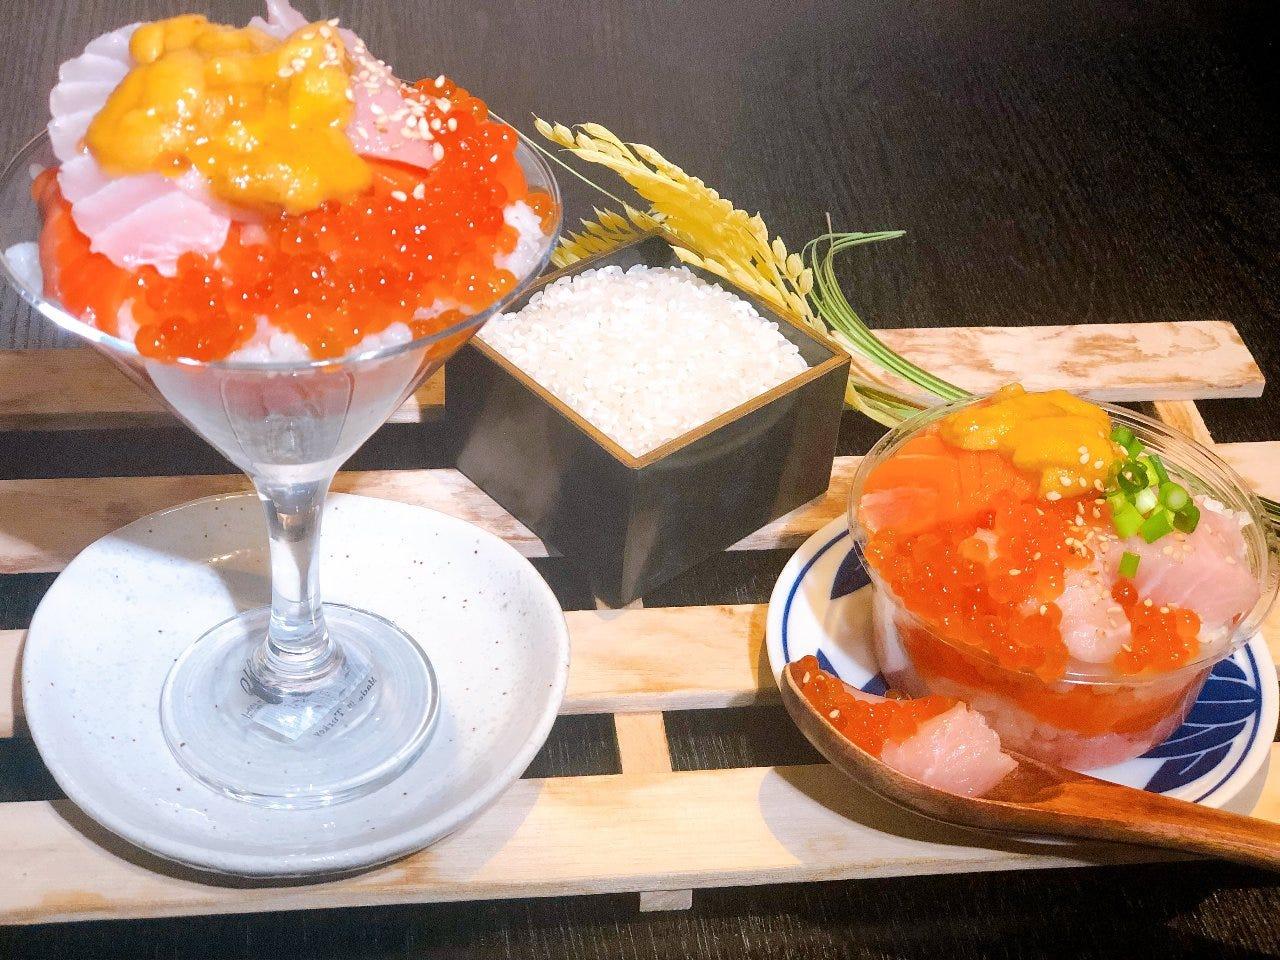 【名物!海鮮寿司パフェ&牛タンしゃぶ】150分!高コスパの11品+地酒10種,生ビール等120種飲放付!3,550円